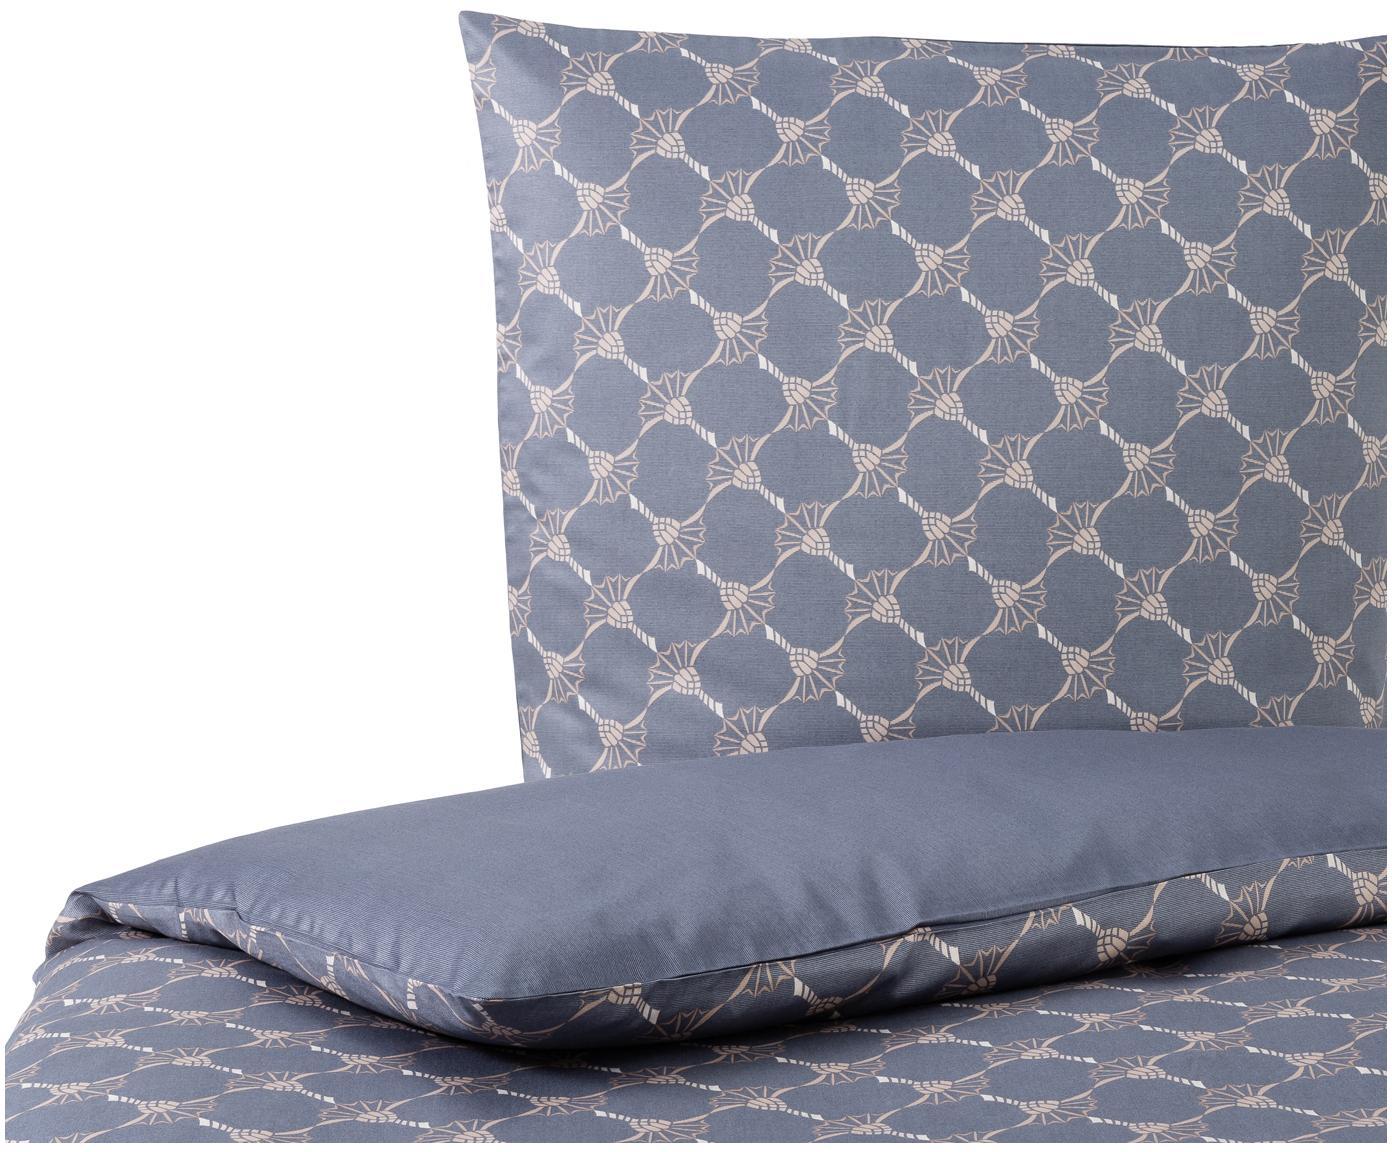 Pościel z makosatyny Cornflower Gradiant, Makosatyna bawełniana, Odcienie niebieskiego, beżowy, kremowy, 135 x 200 cm